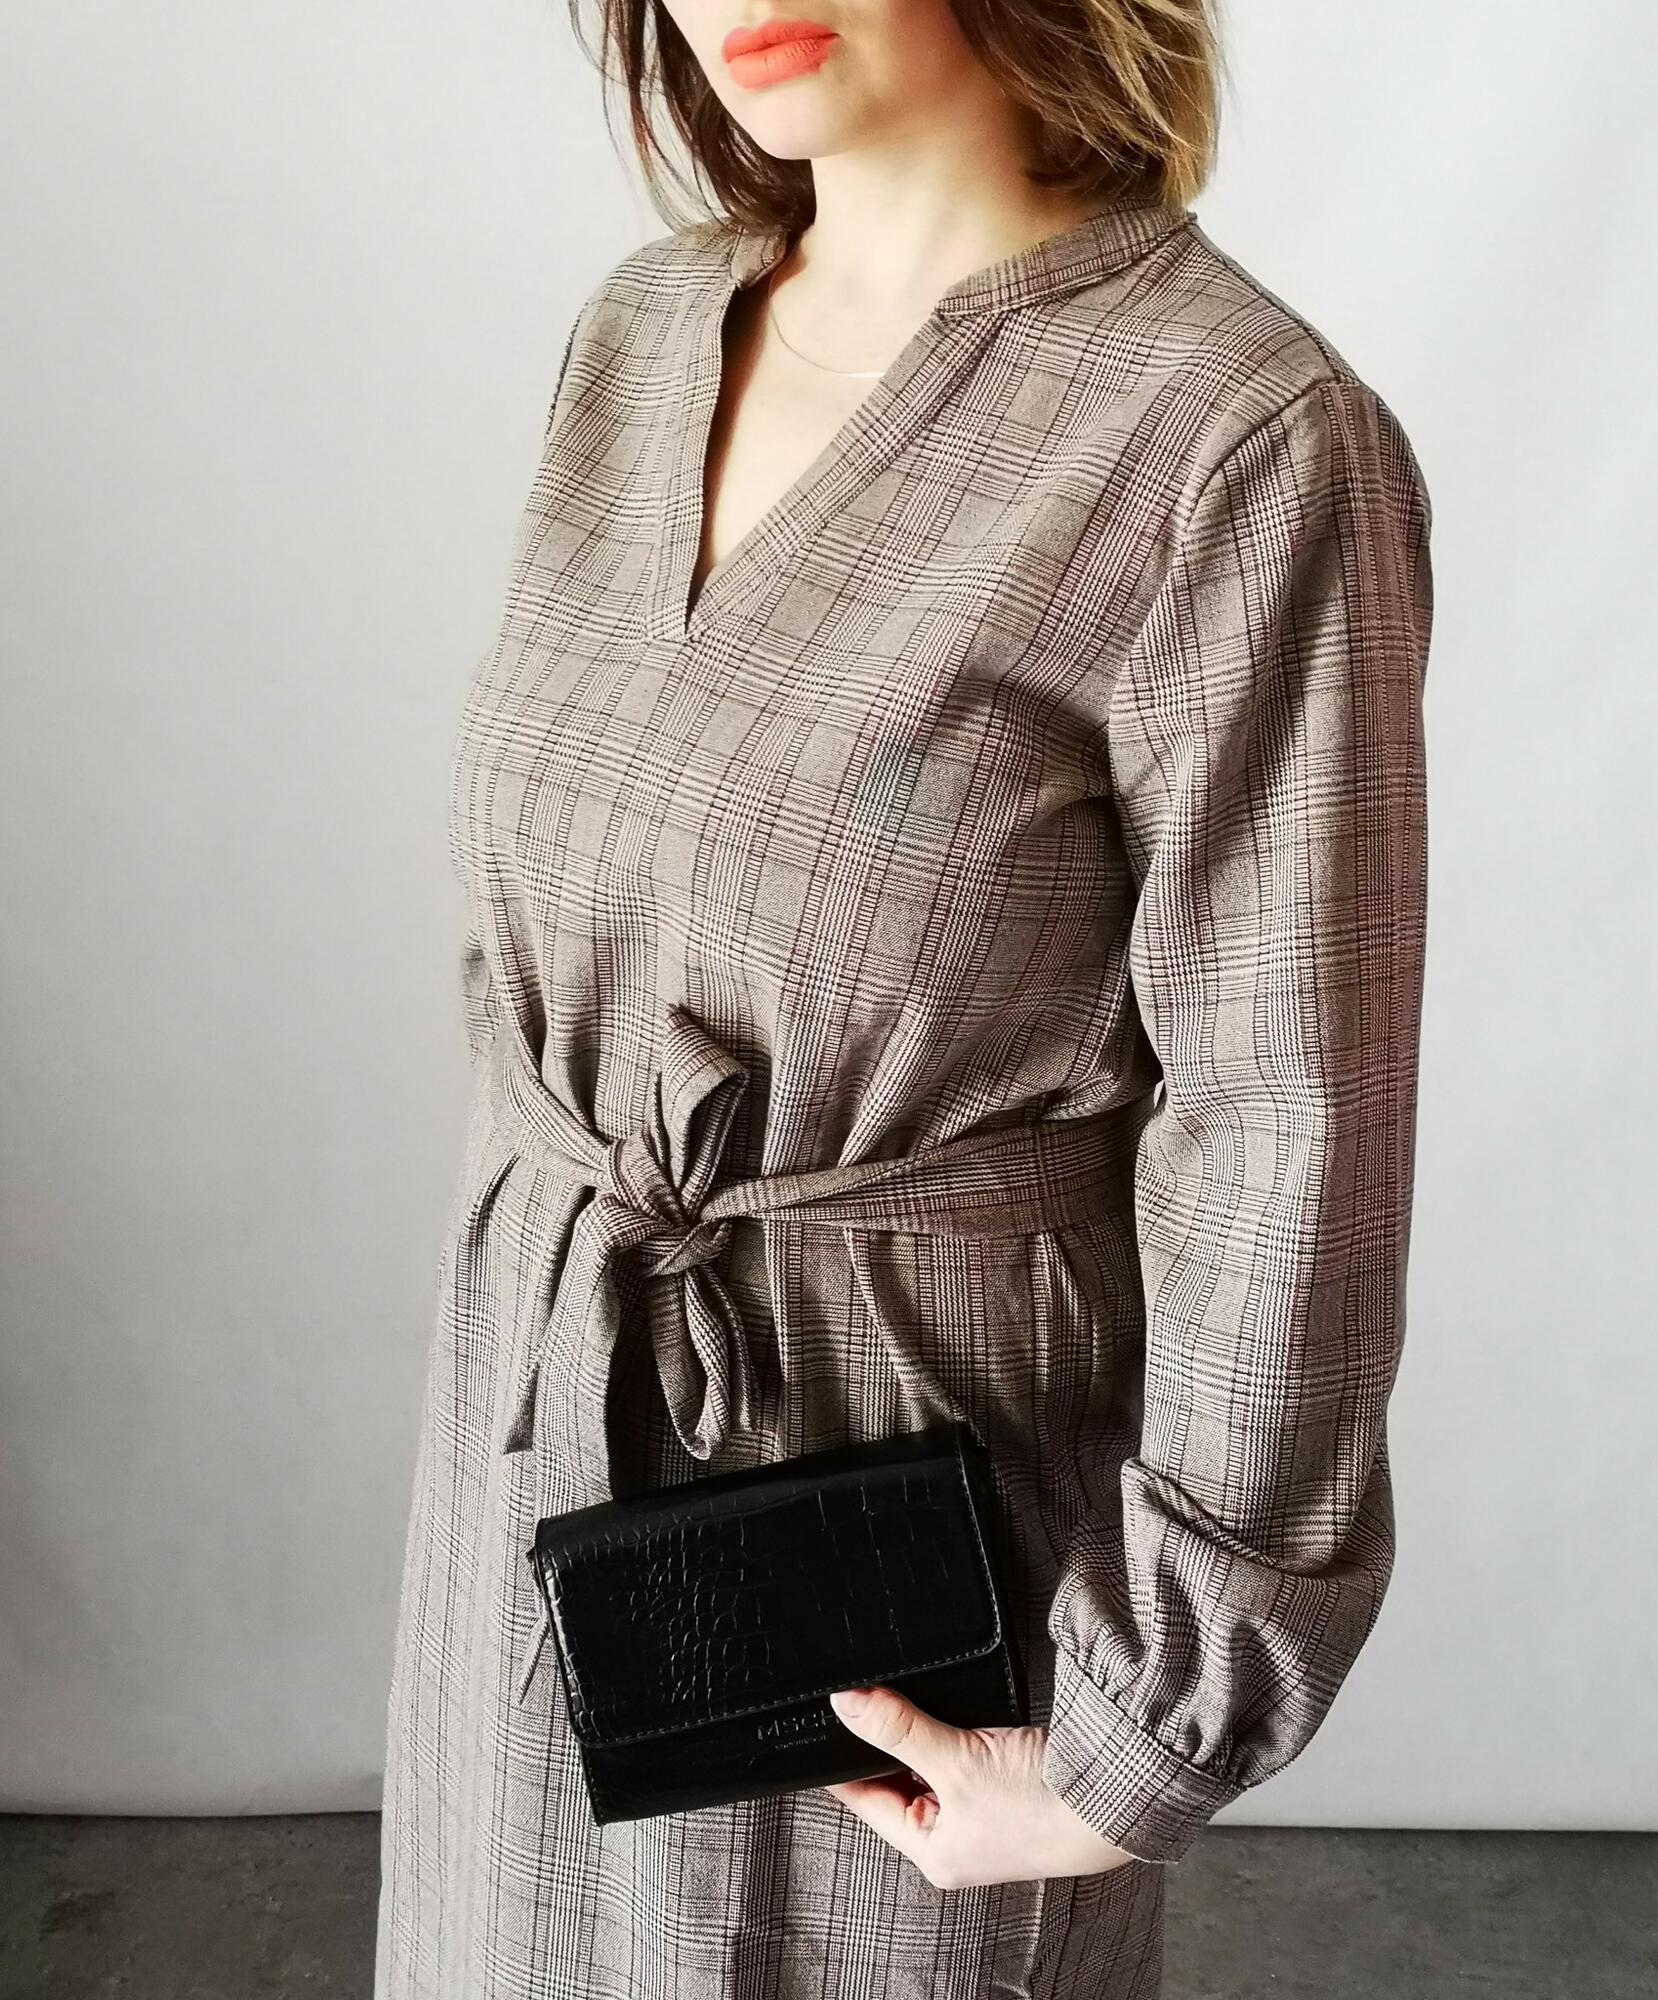 Lexie Ls dress - Nie byle   JestemSlow.pl